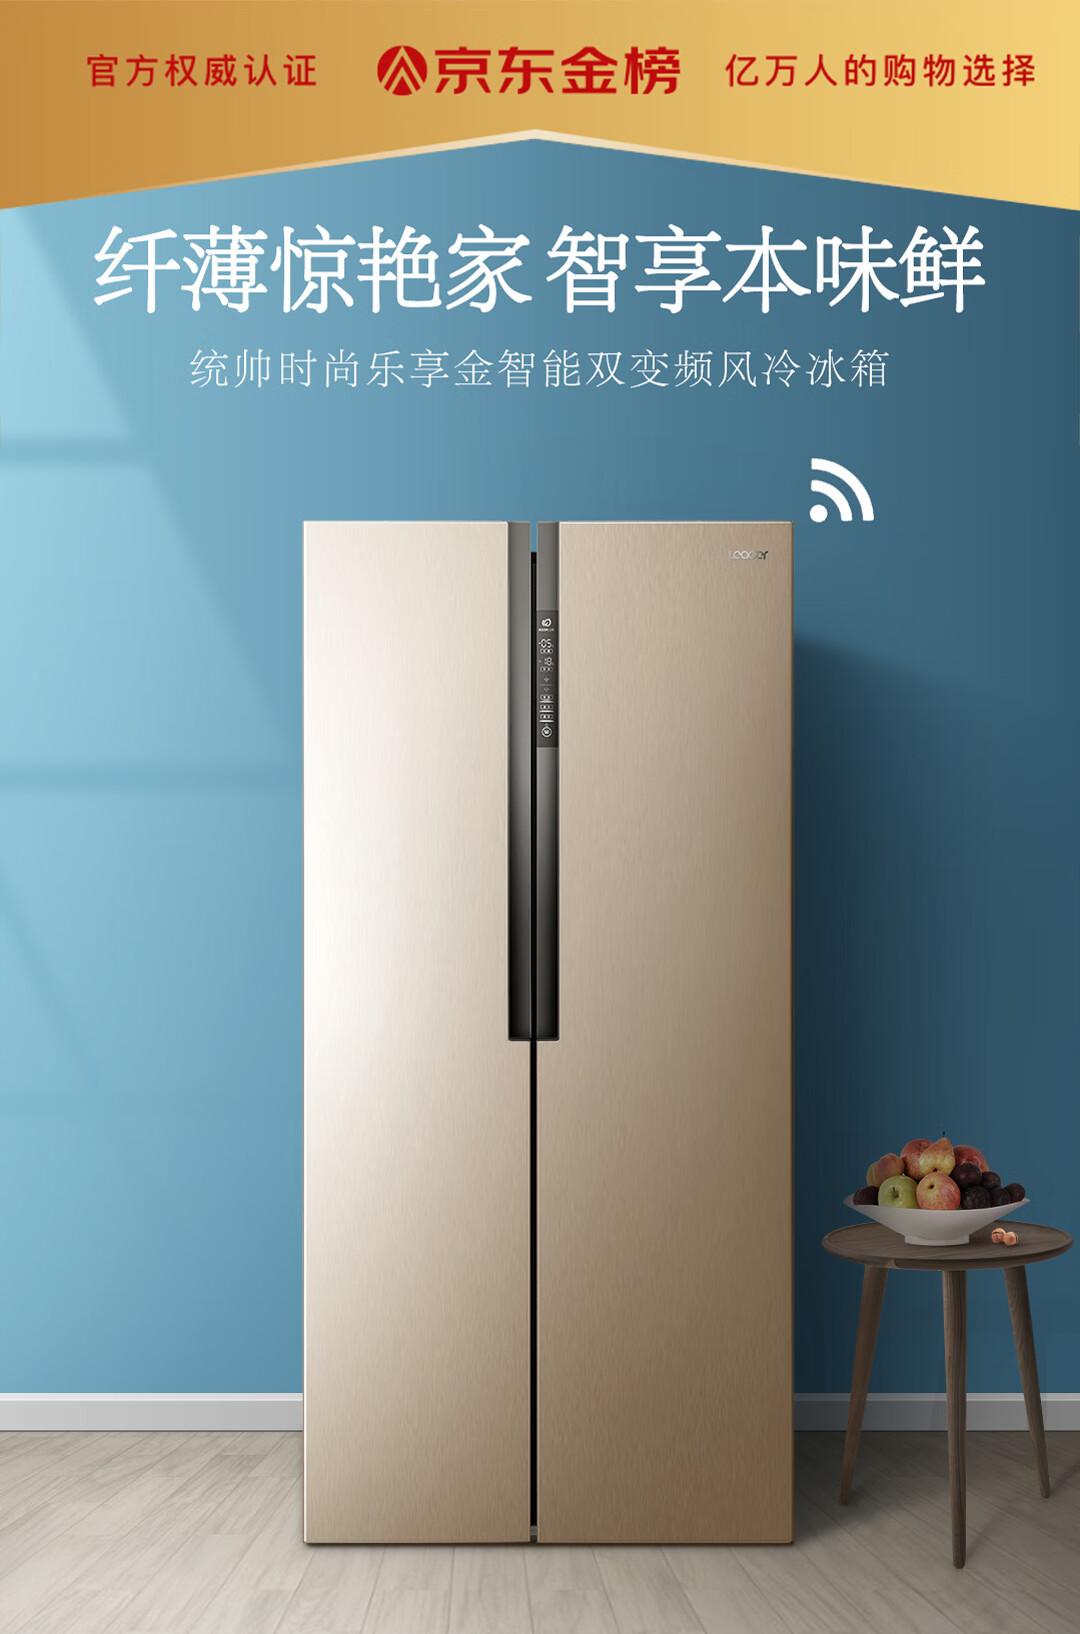 统帅(Leader) 海尔冰箱出品 453升风冷无霜 变频节能 对开门纤薄尺寸 智能WIFI BCD-453WLDEBU1